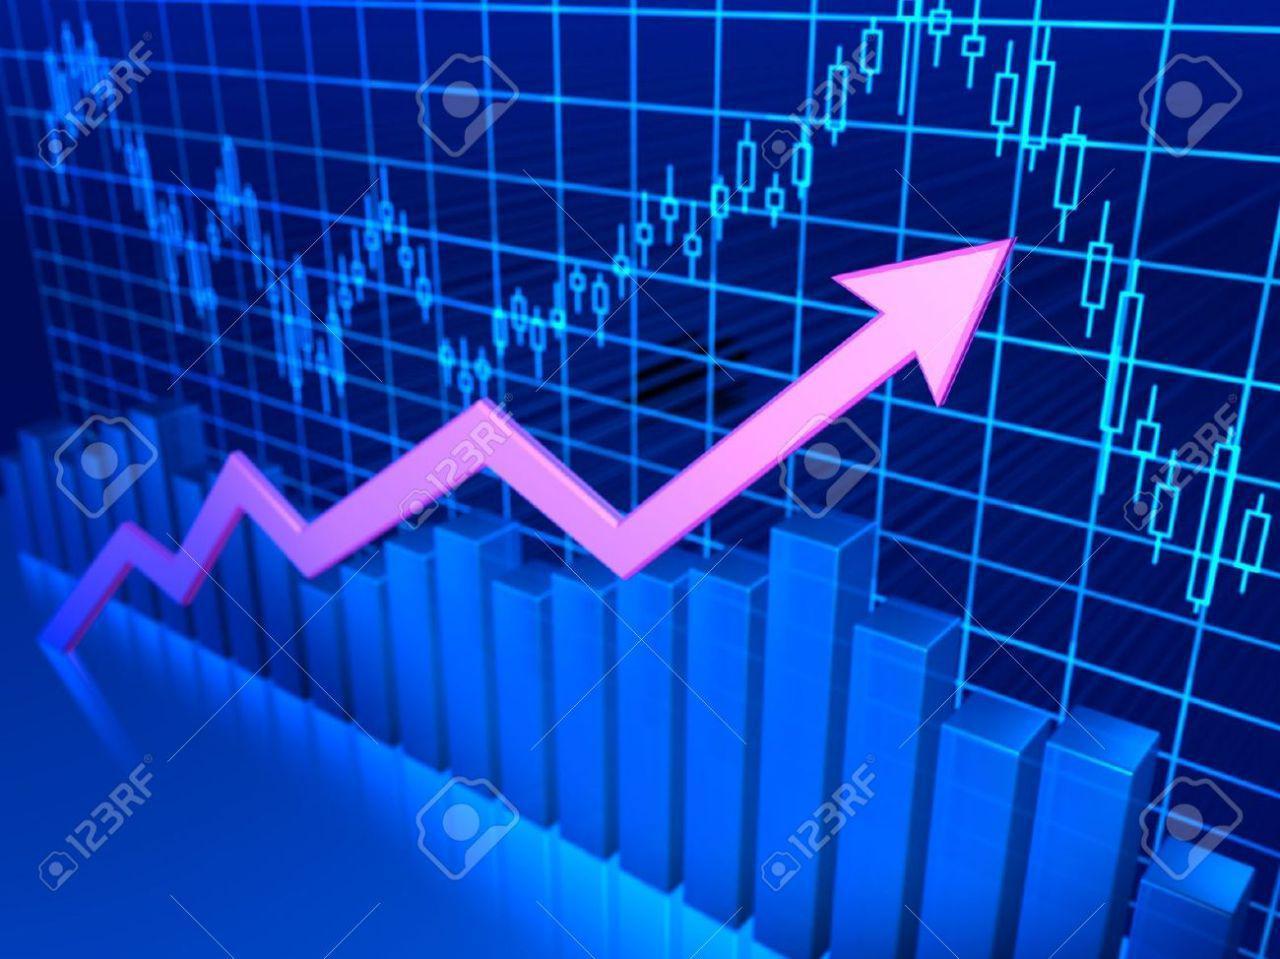 تعریف معامله گر و تعریف سرمایه گذار